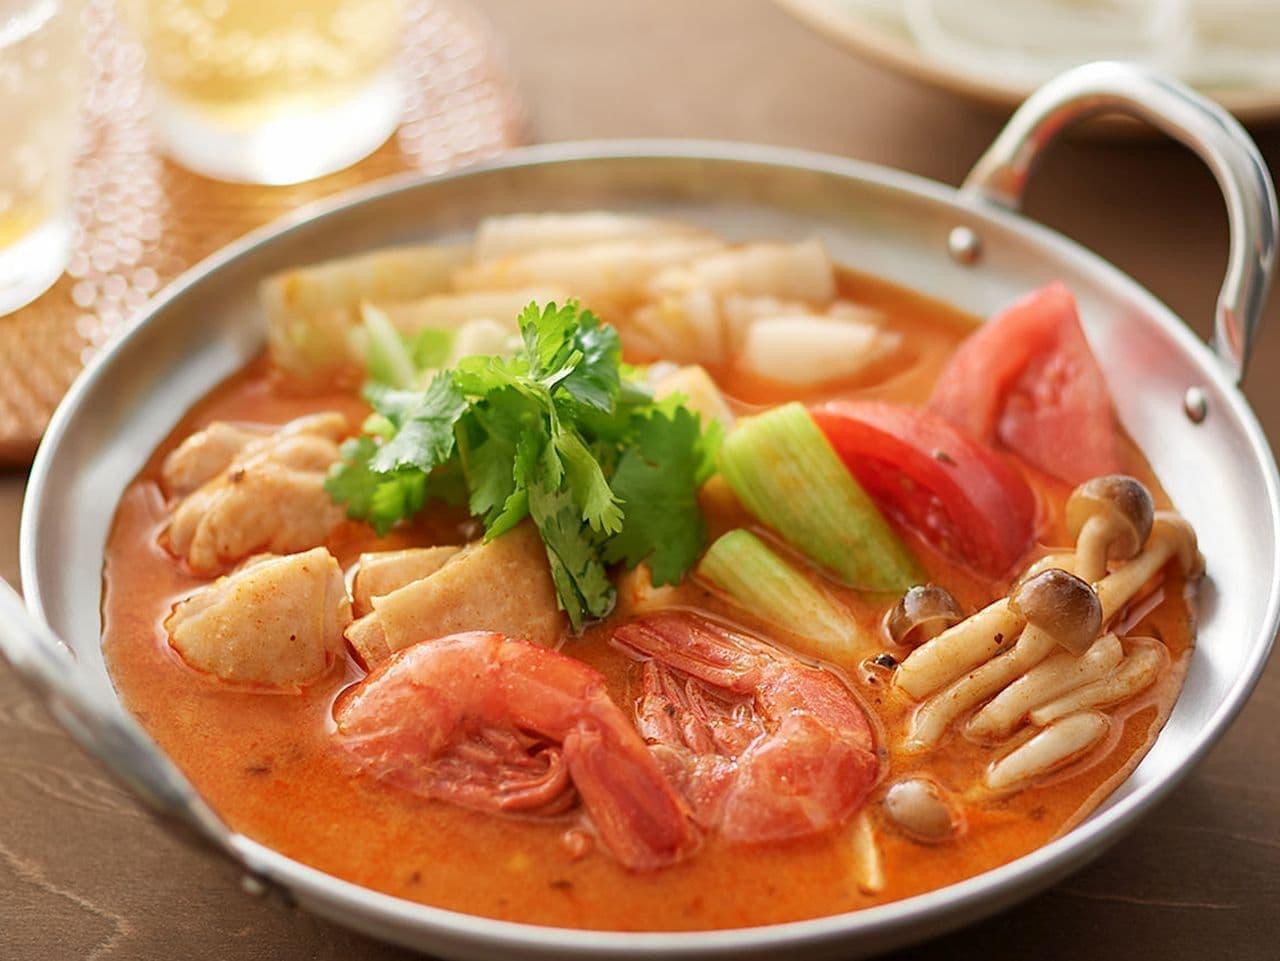 無印良品「手づくり鍋の素 サムゲタン鍋」